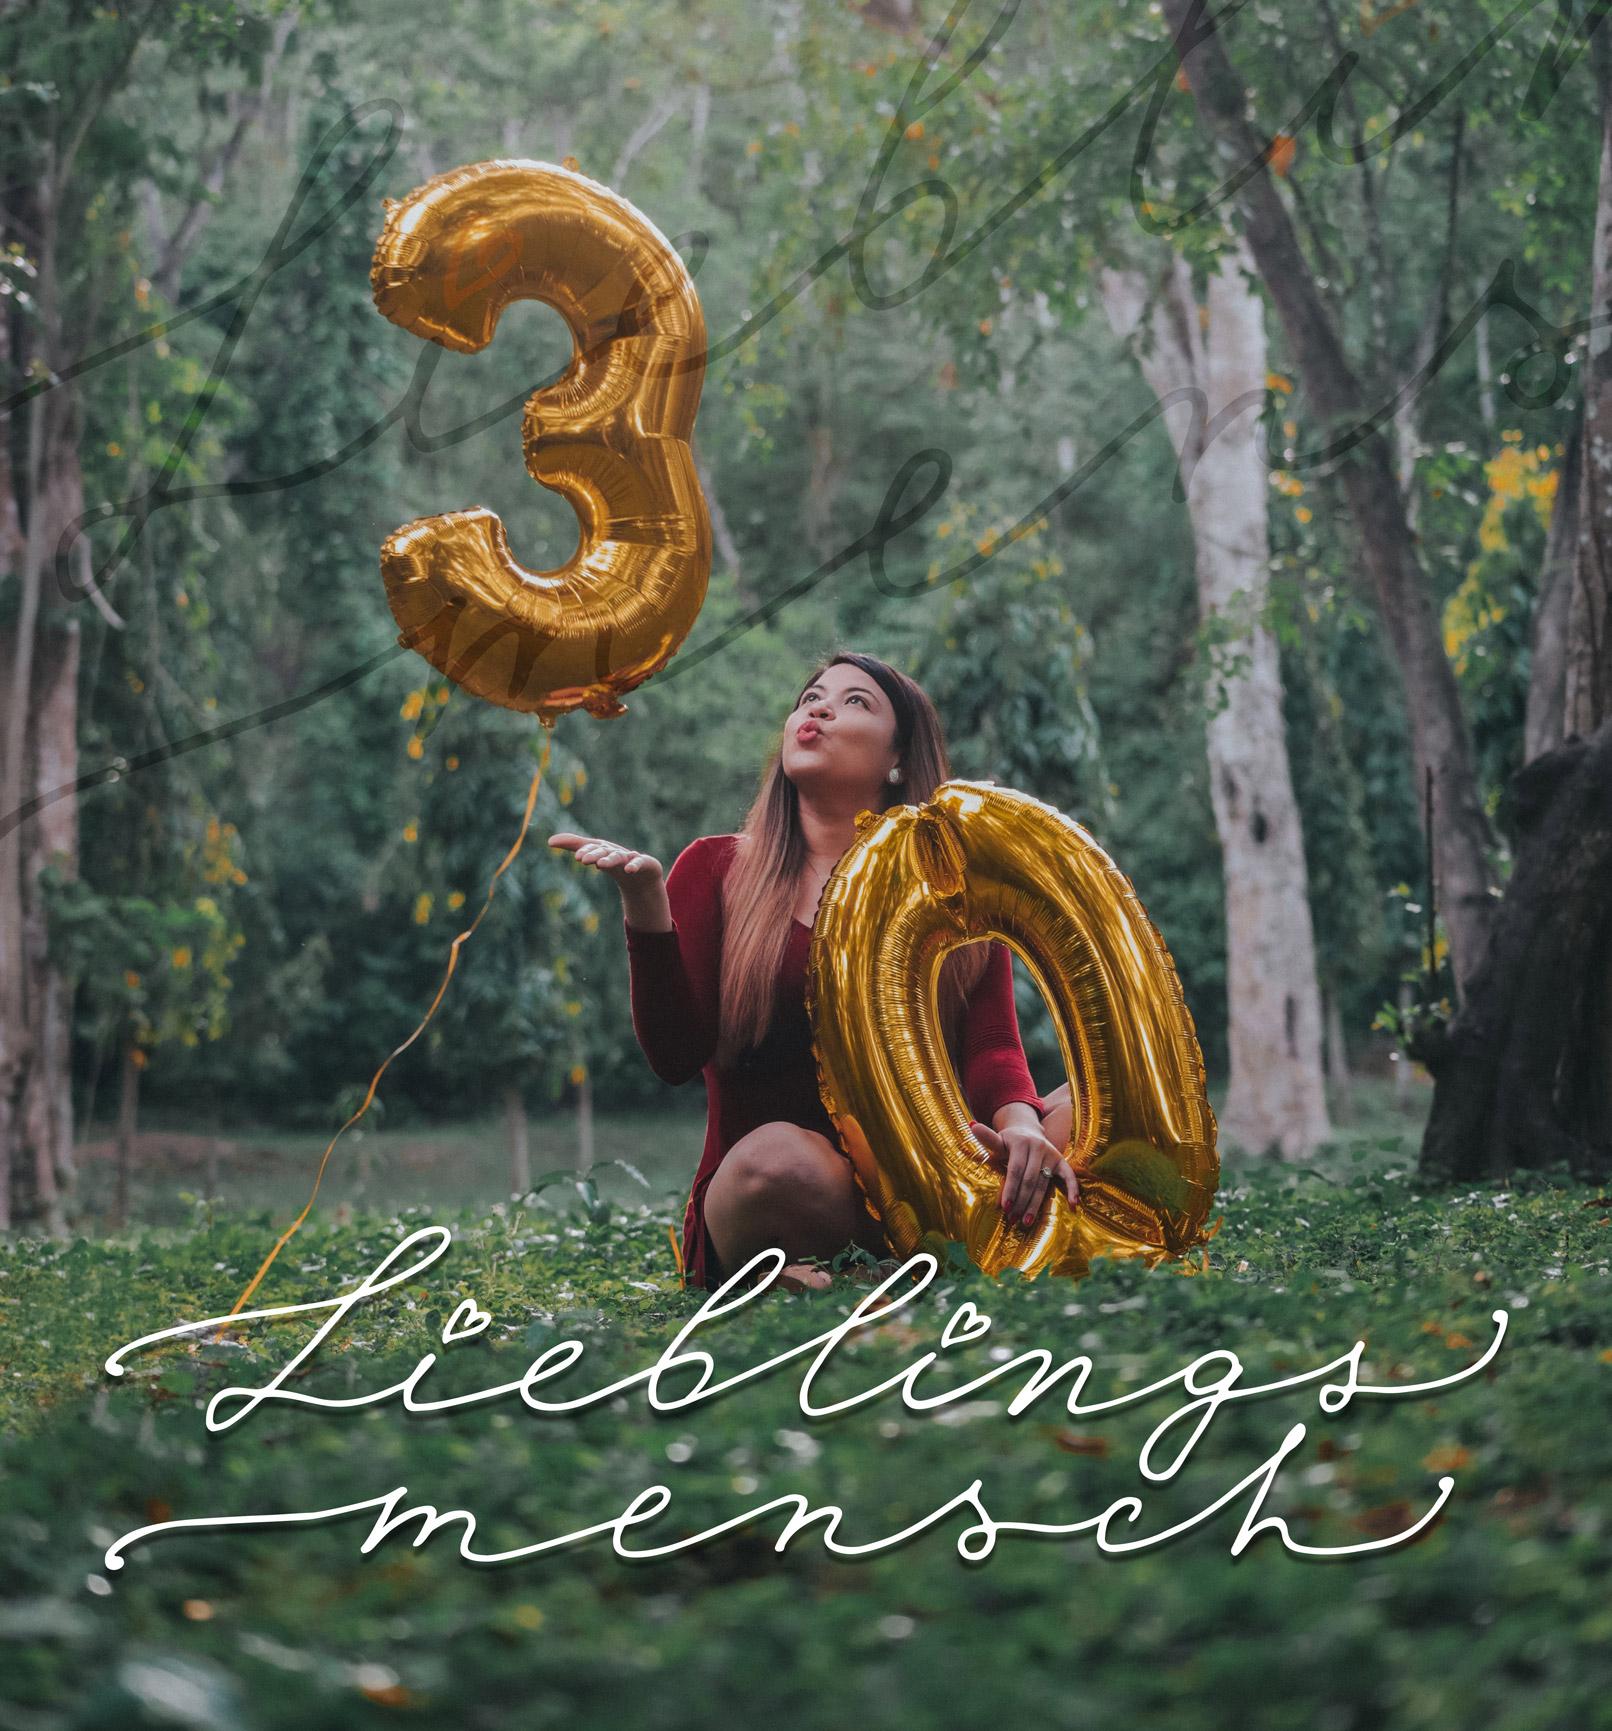 Foto einer Frau mit Luftballons und einem Handlettering zum Geburtstag